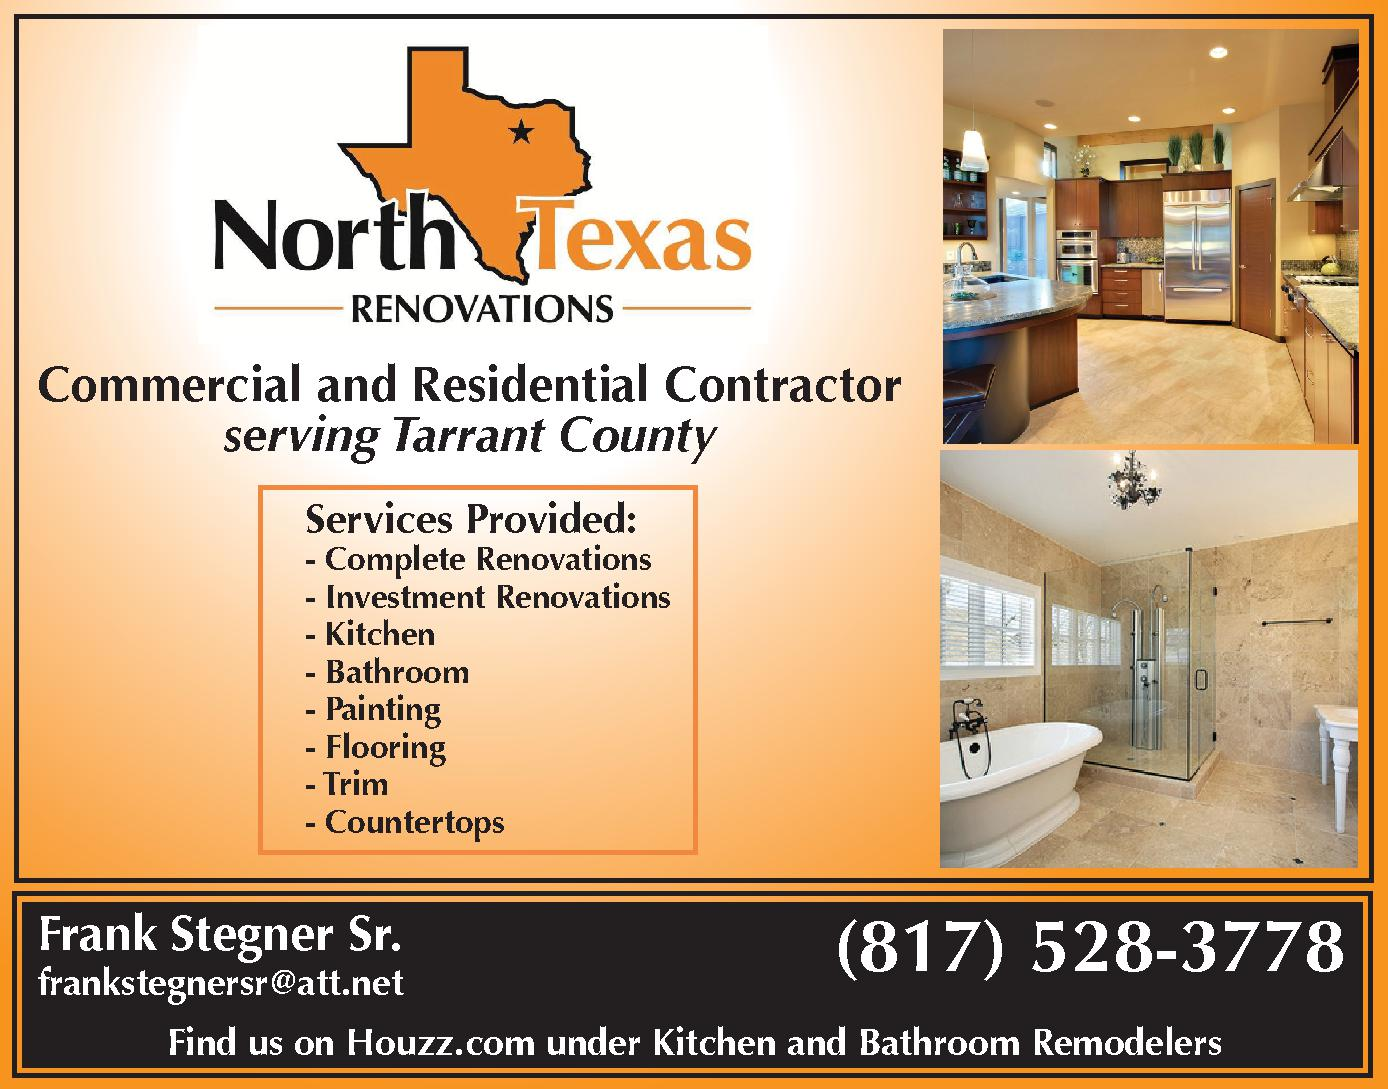 North Texas Renovations